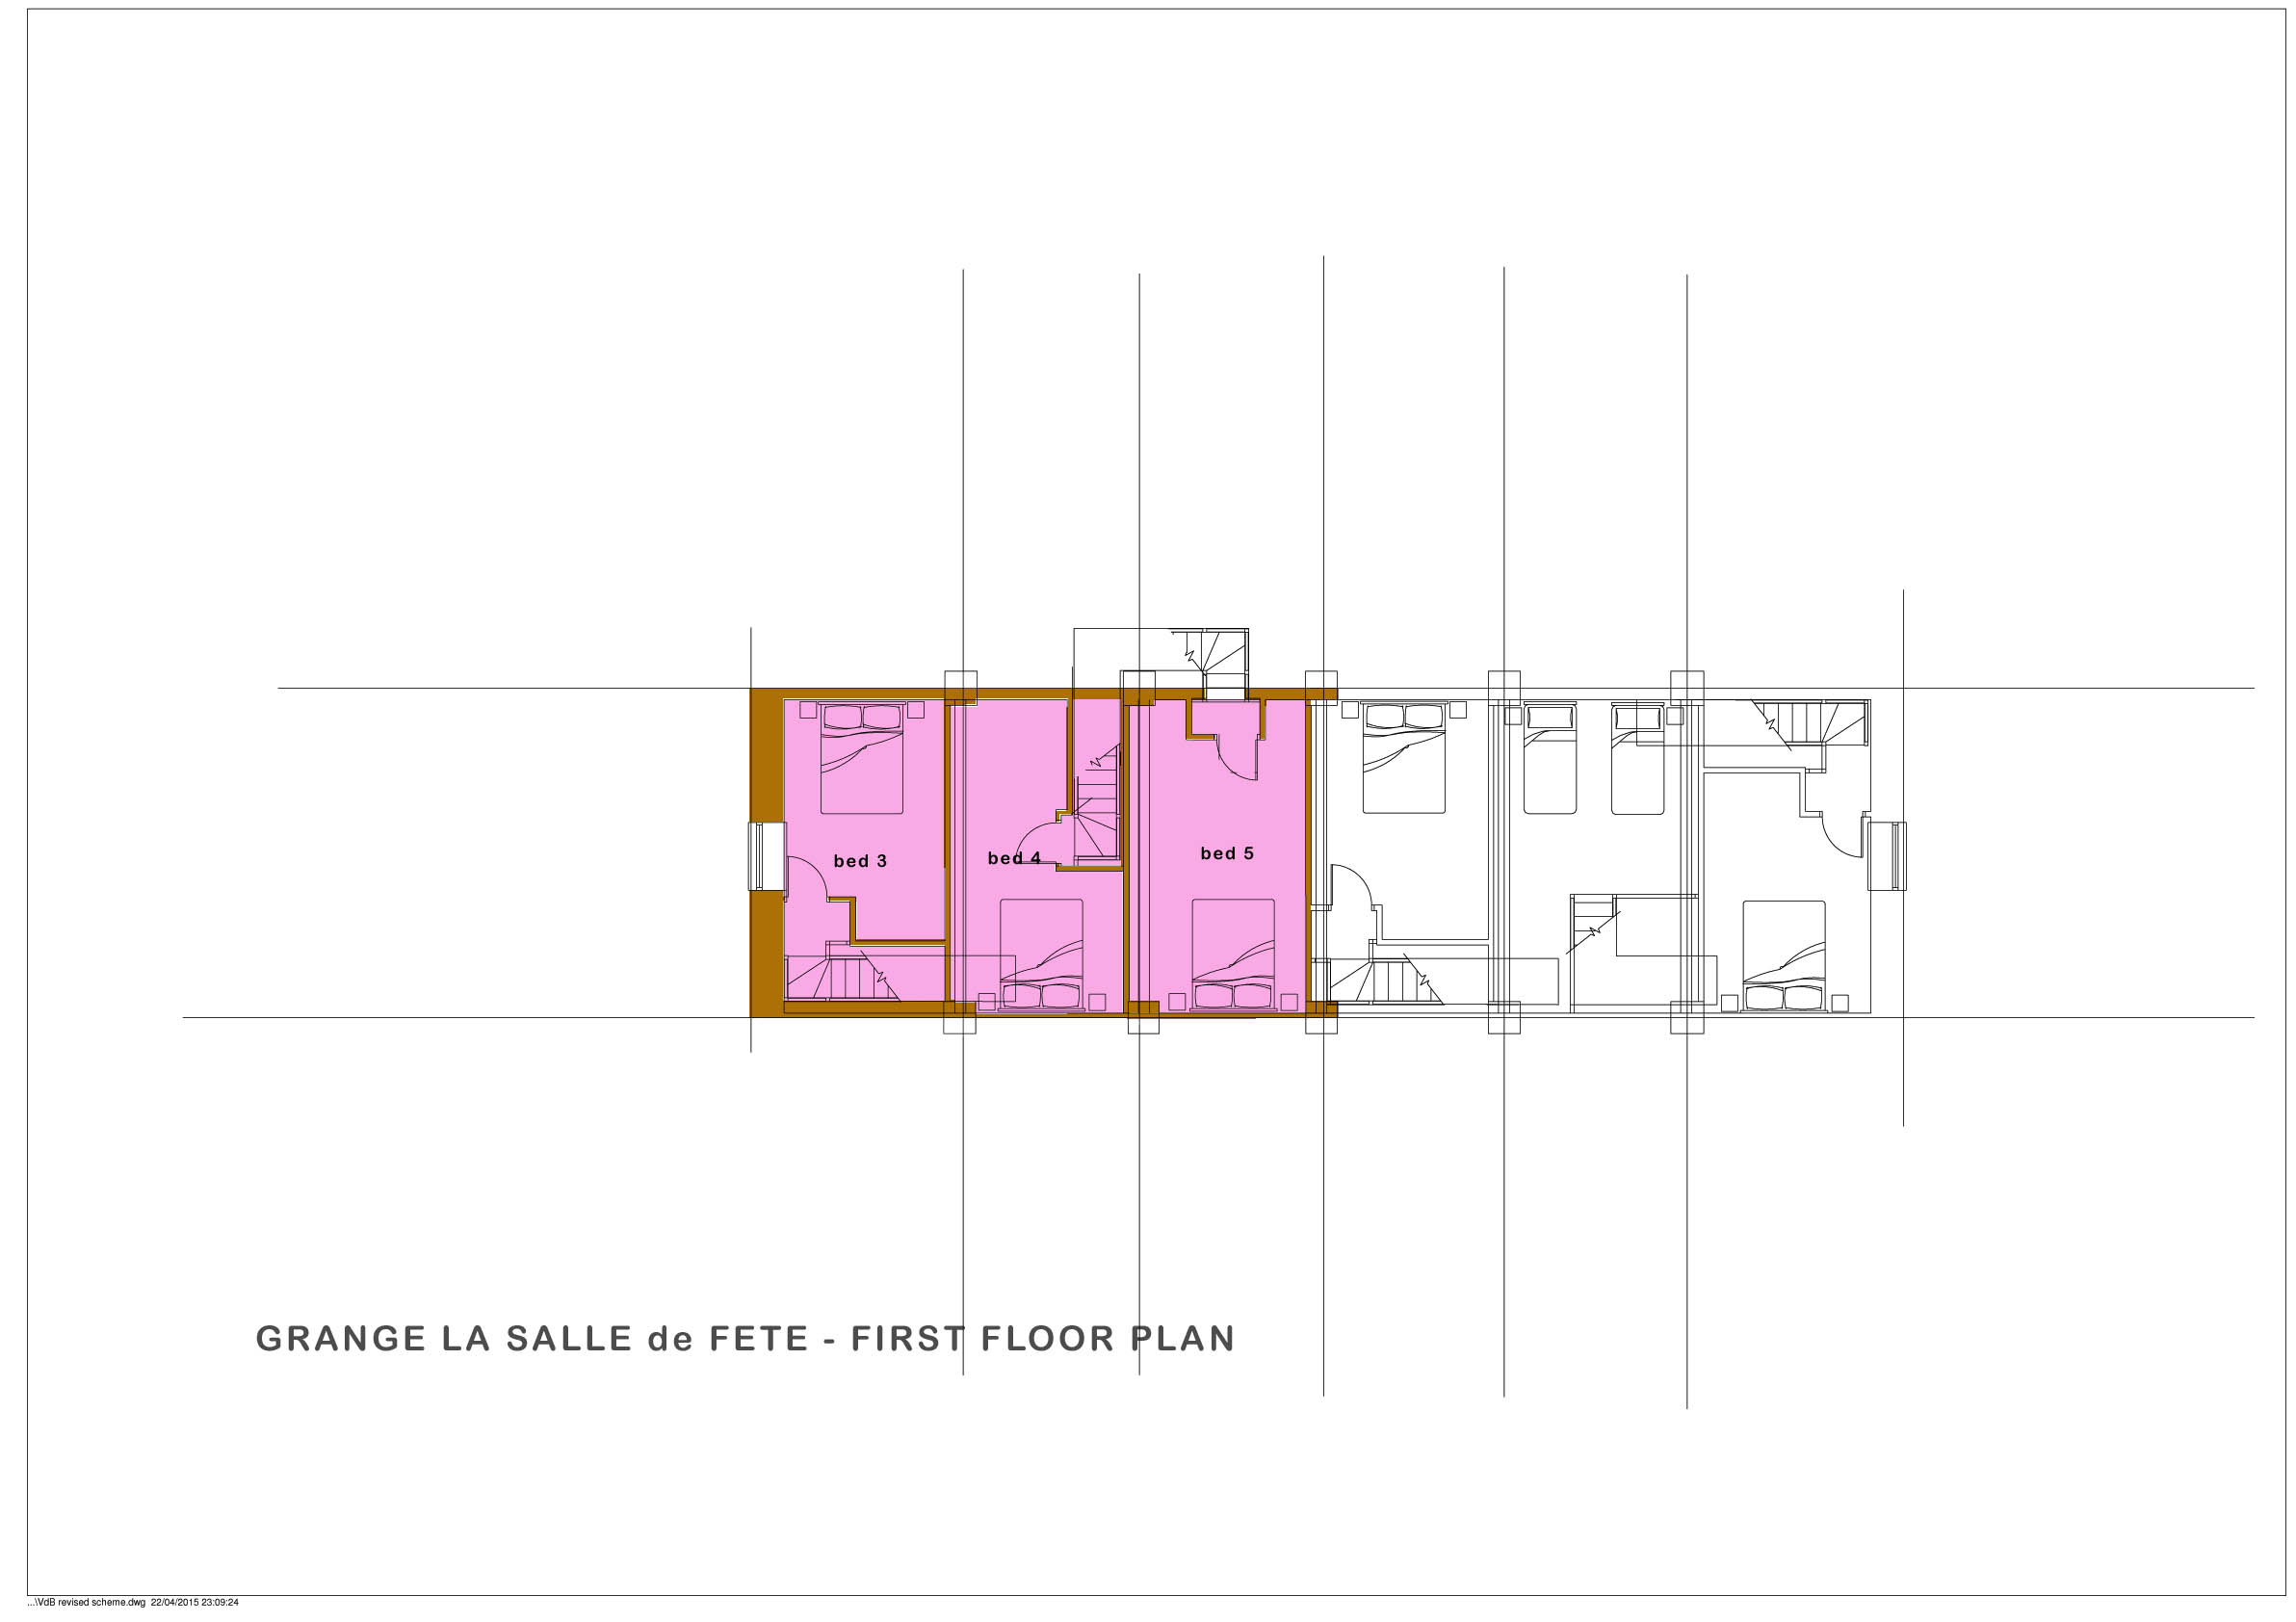 Grange La Salle de Fete  - First